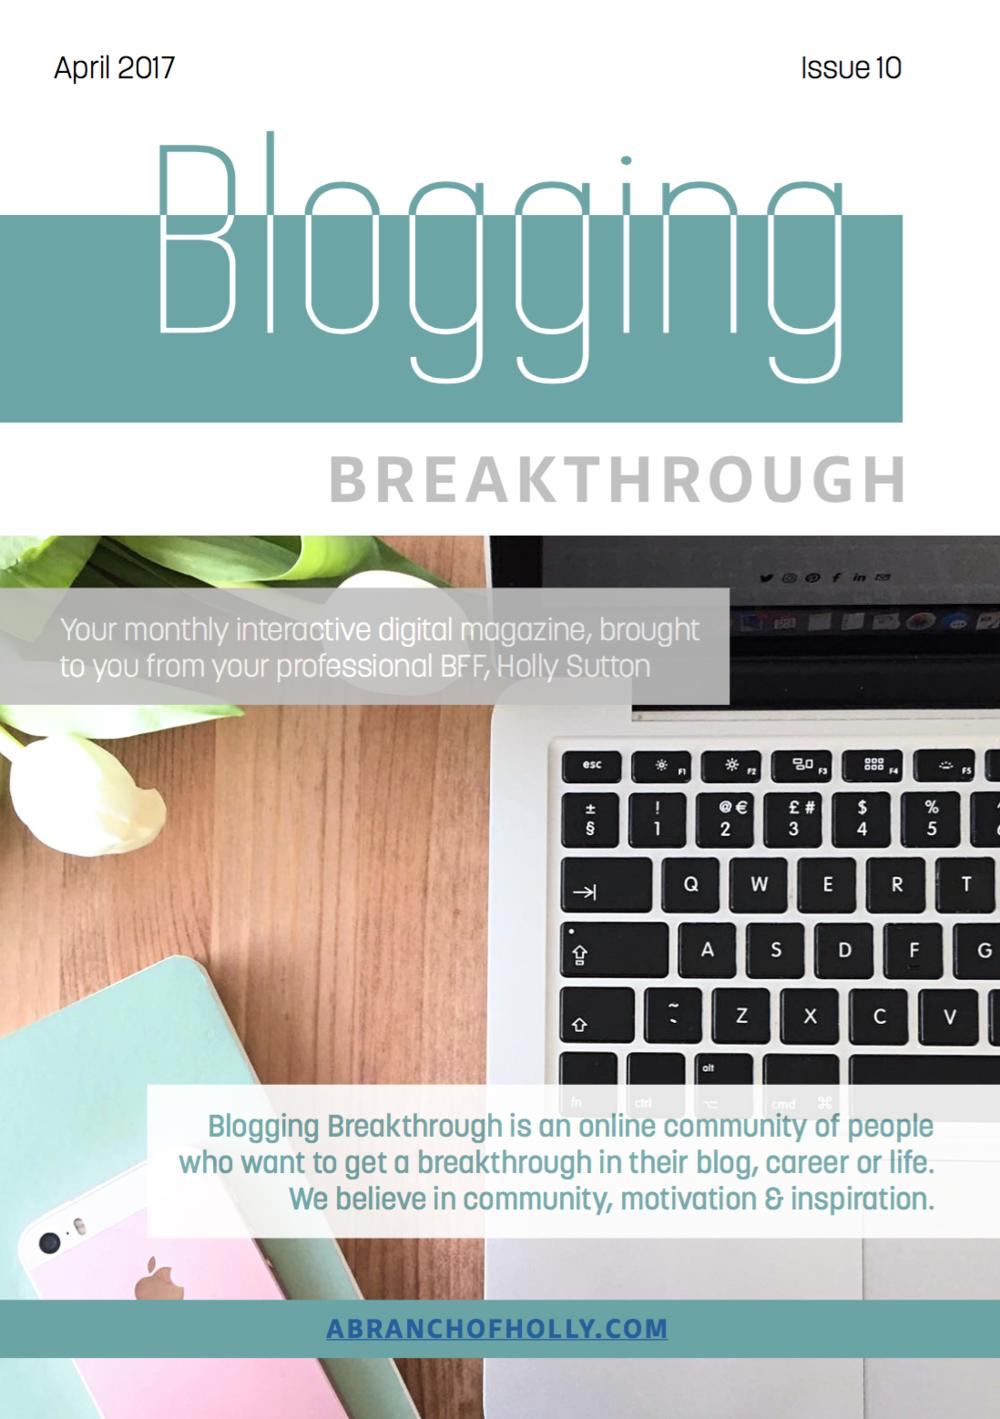 blogging breakthrough april 2017 issue 10